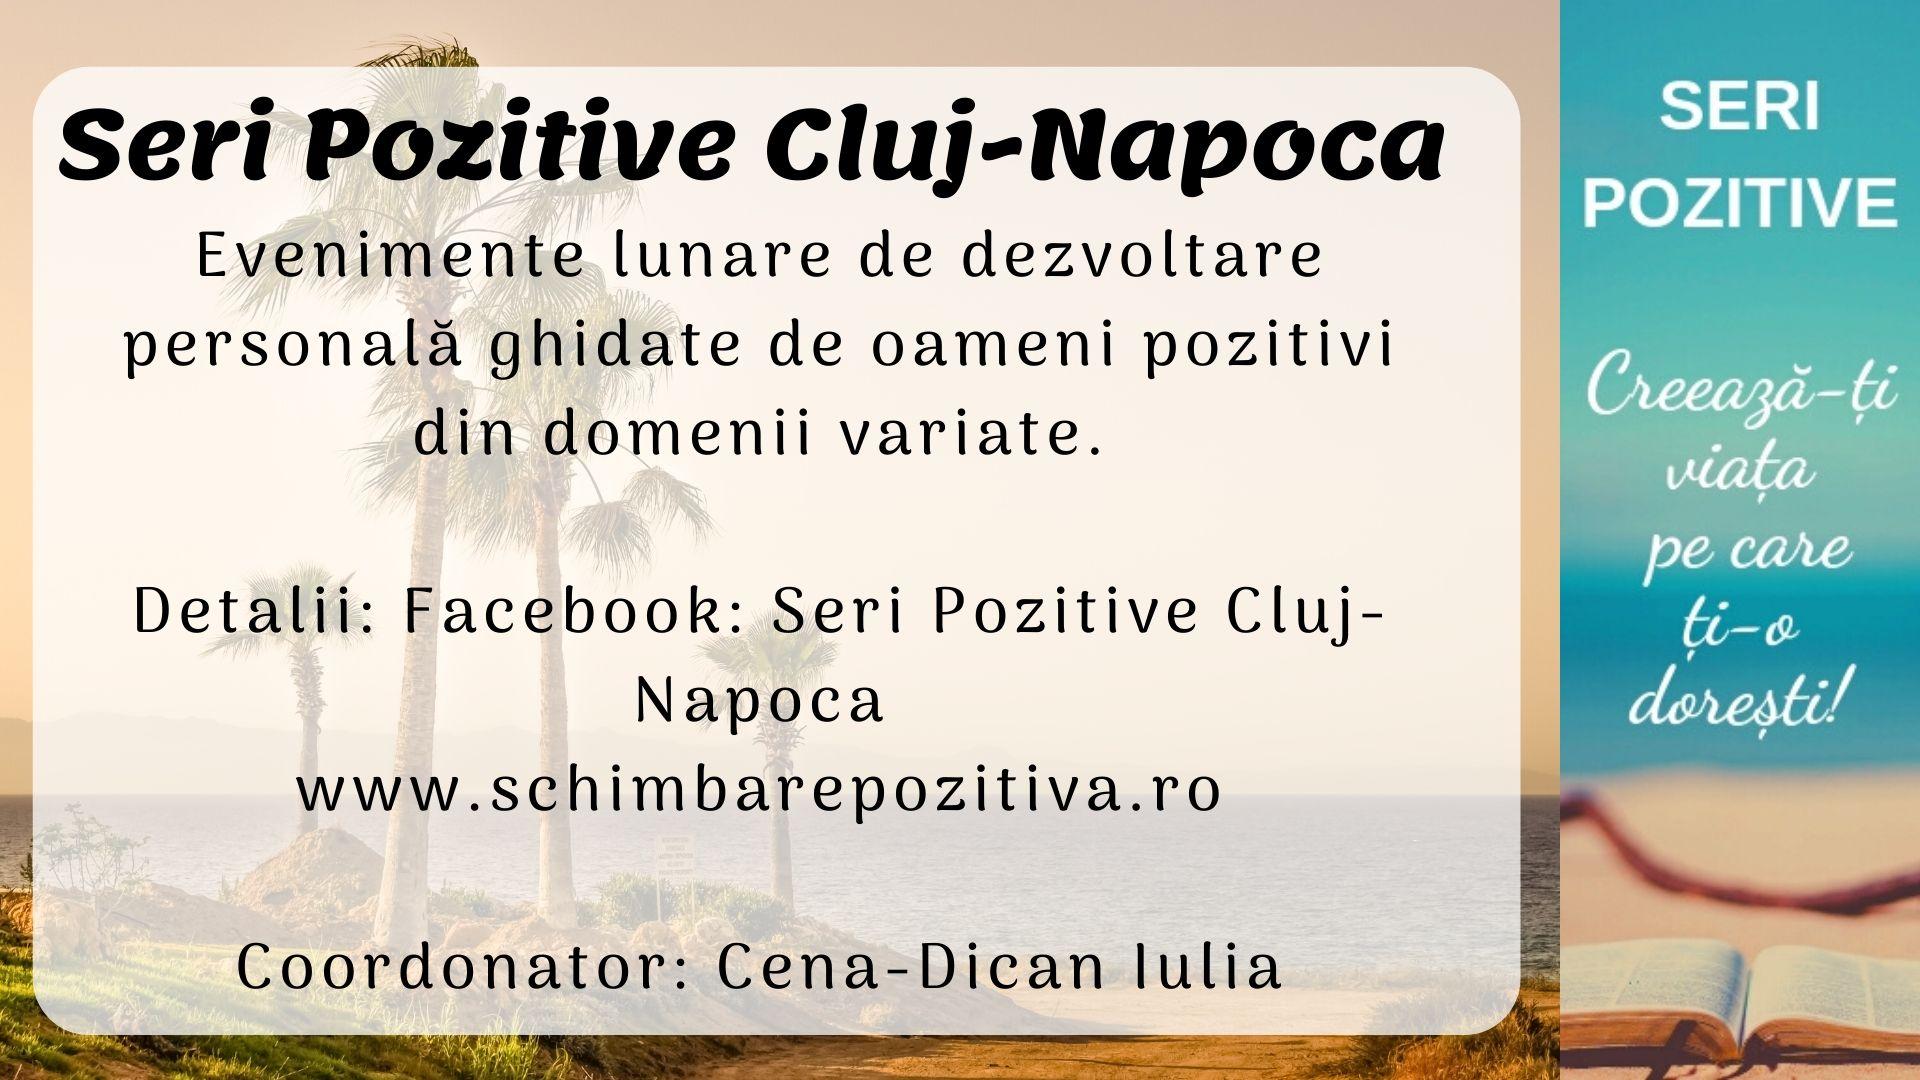 Seri Pozitive Cluj-Napoca